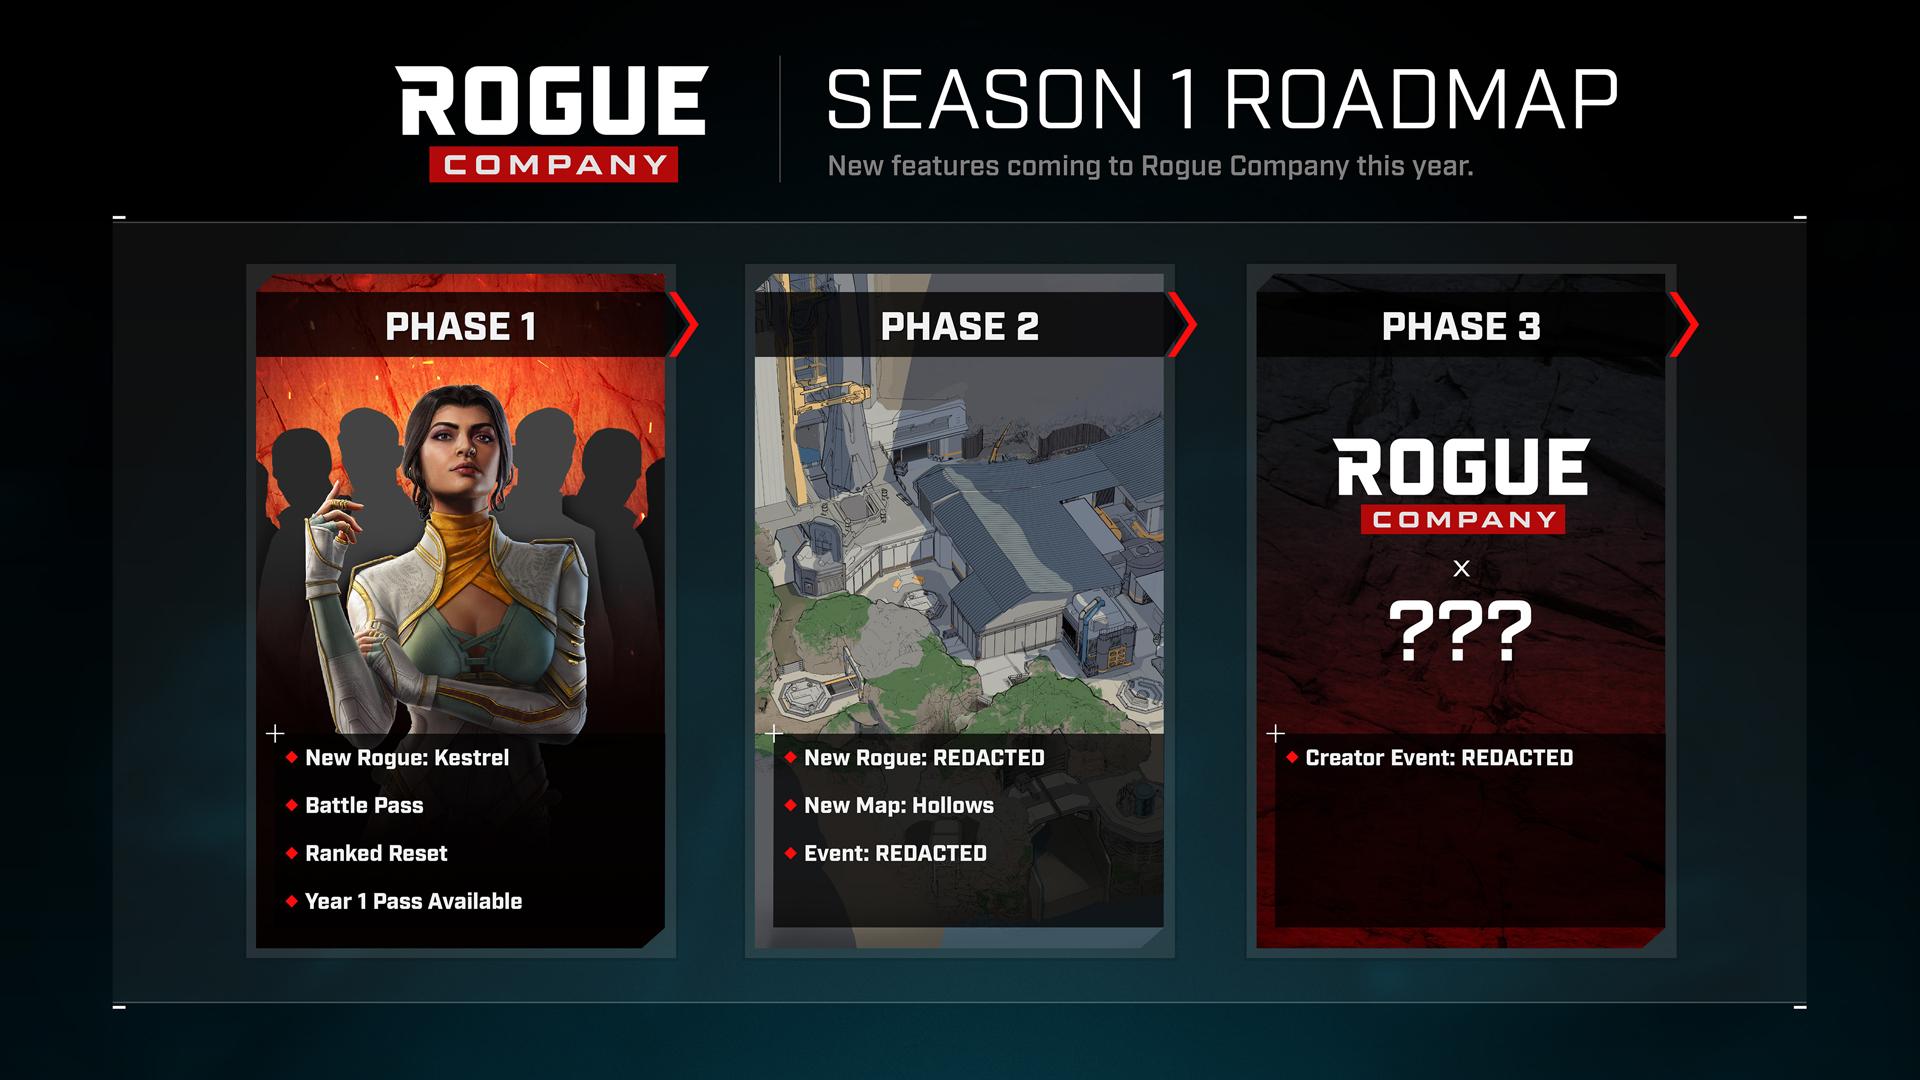 Feuille-de-route-Saison-1-Rogue-Company